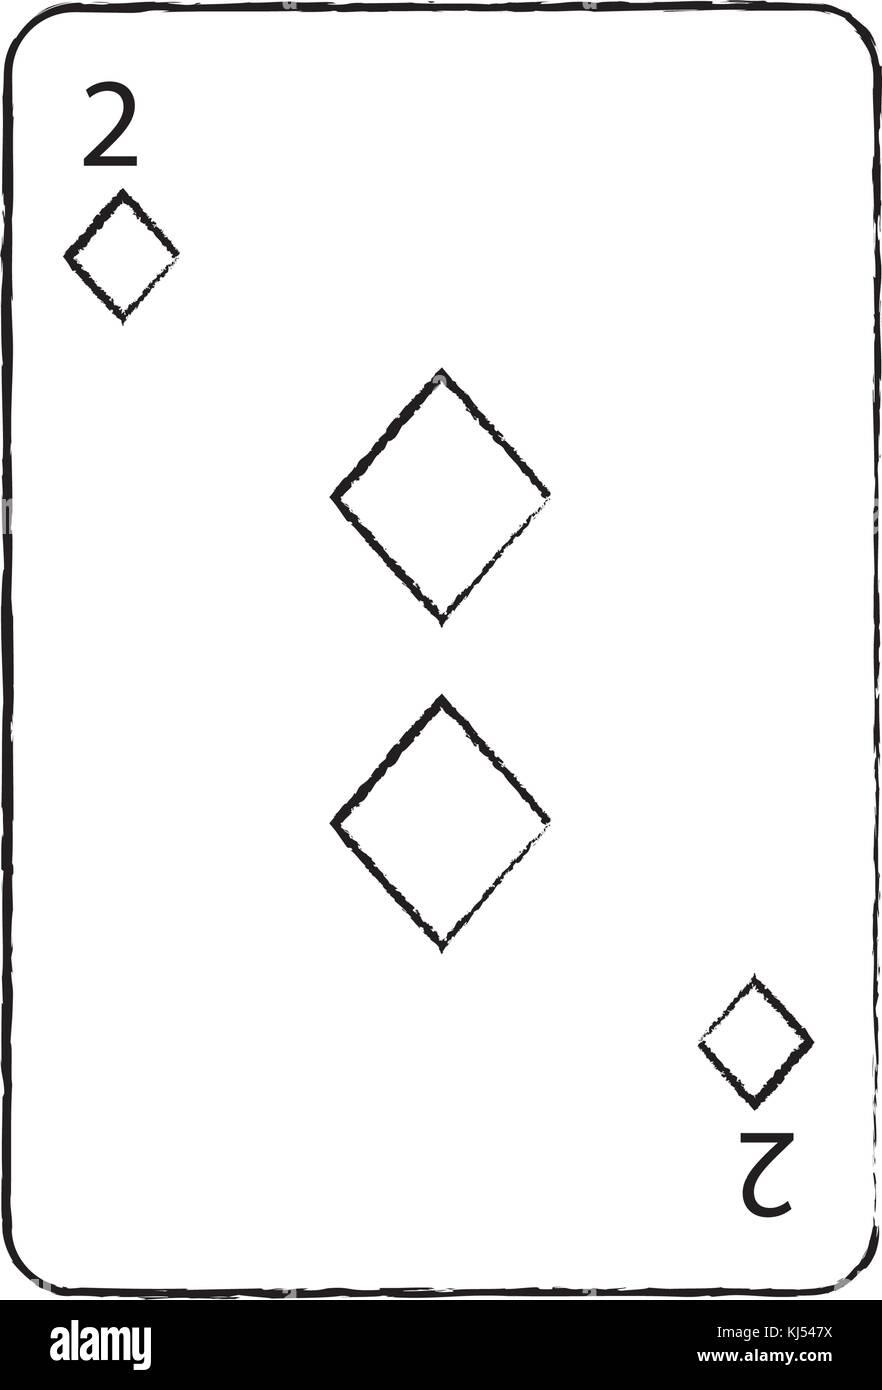 Wunderbar Leere Spielkartenvorlage Bilder - Beispiel Wiederaufnahme ...